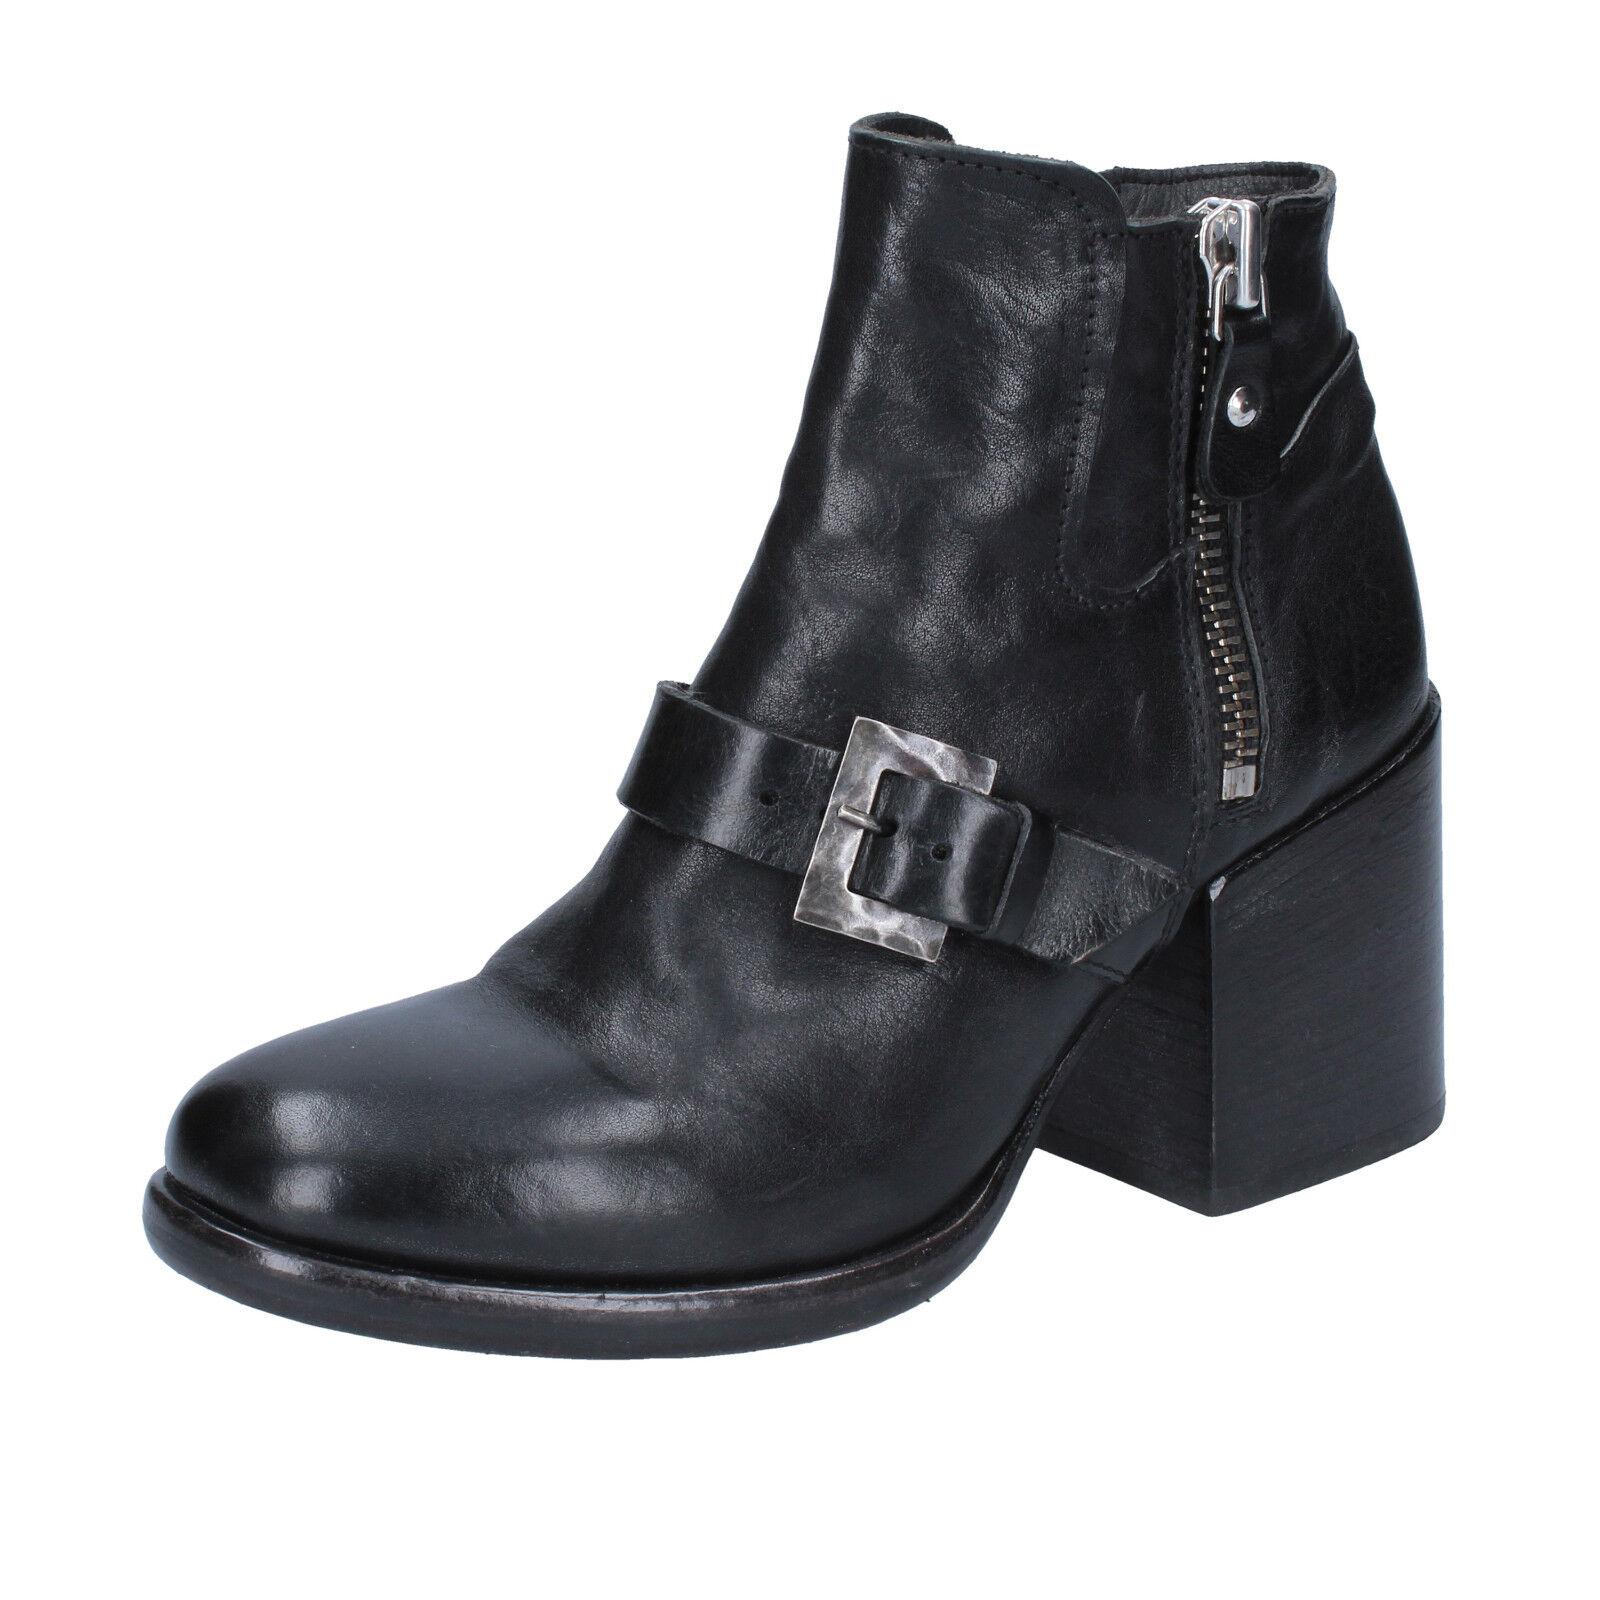 Zapatos señora moma 37 UE botines de cuero negro by662